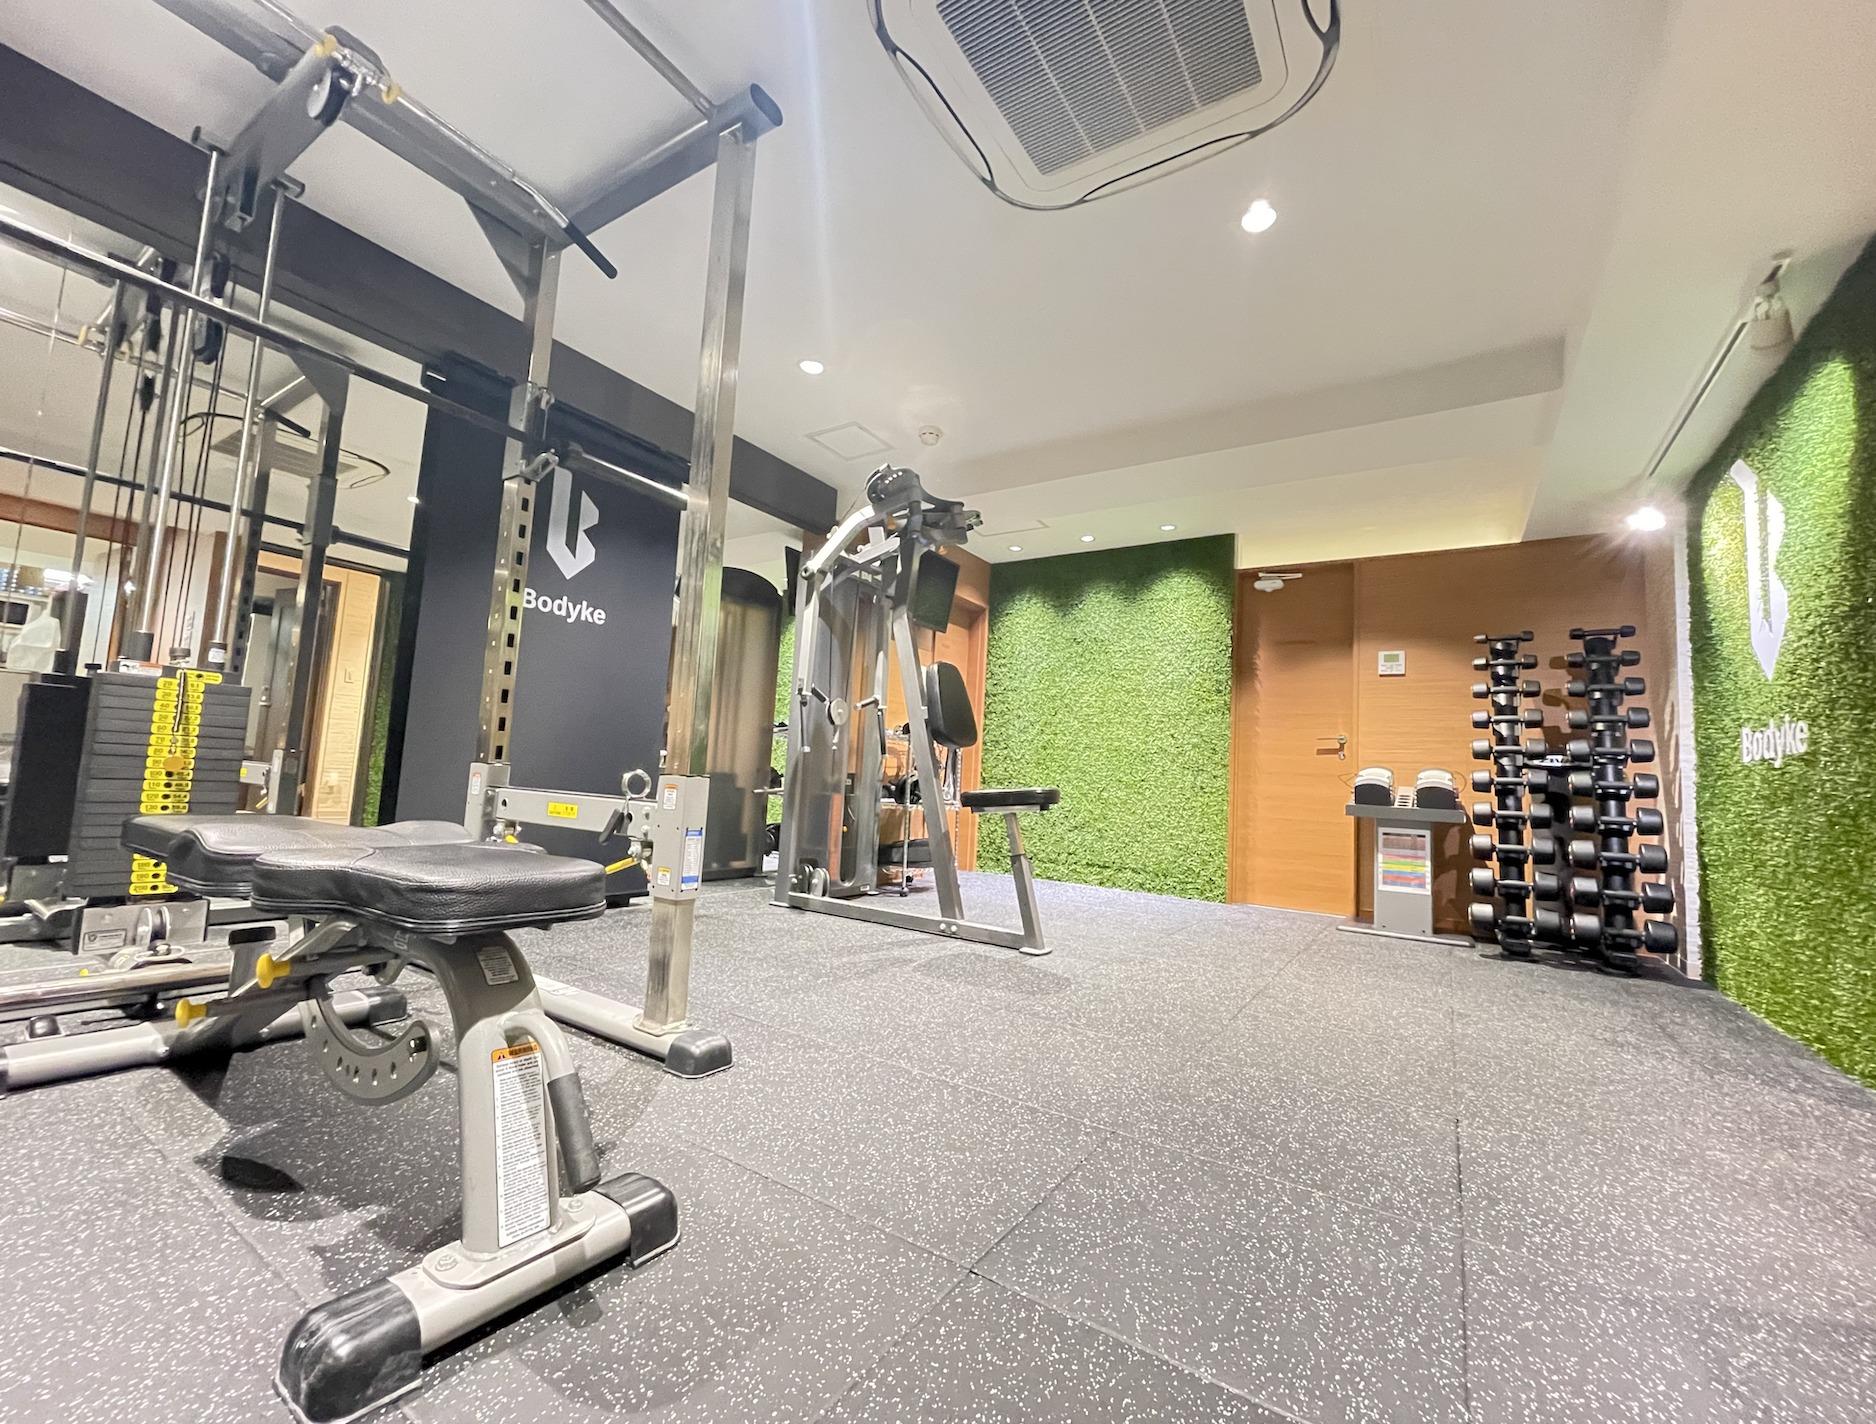 パーソナルトレーニングジムBodyke 六本木店の施設画像